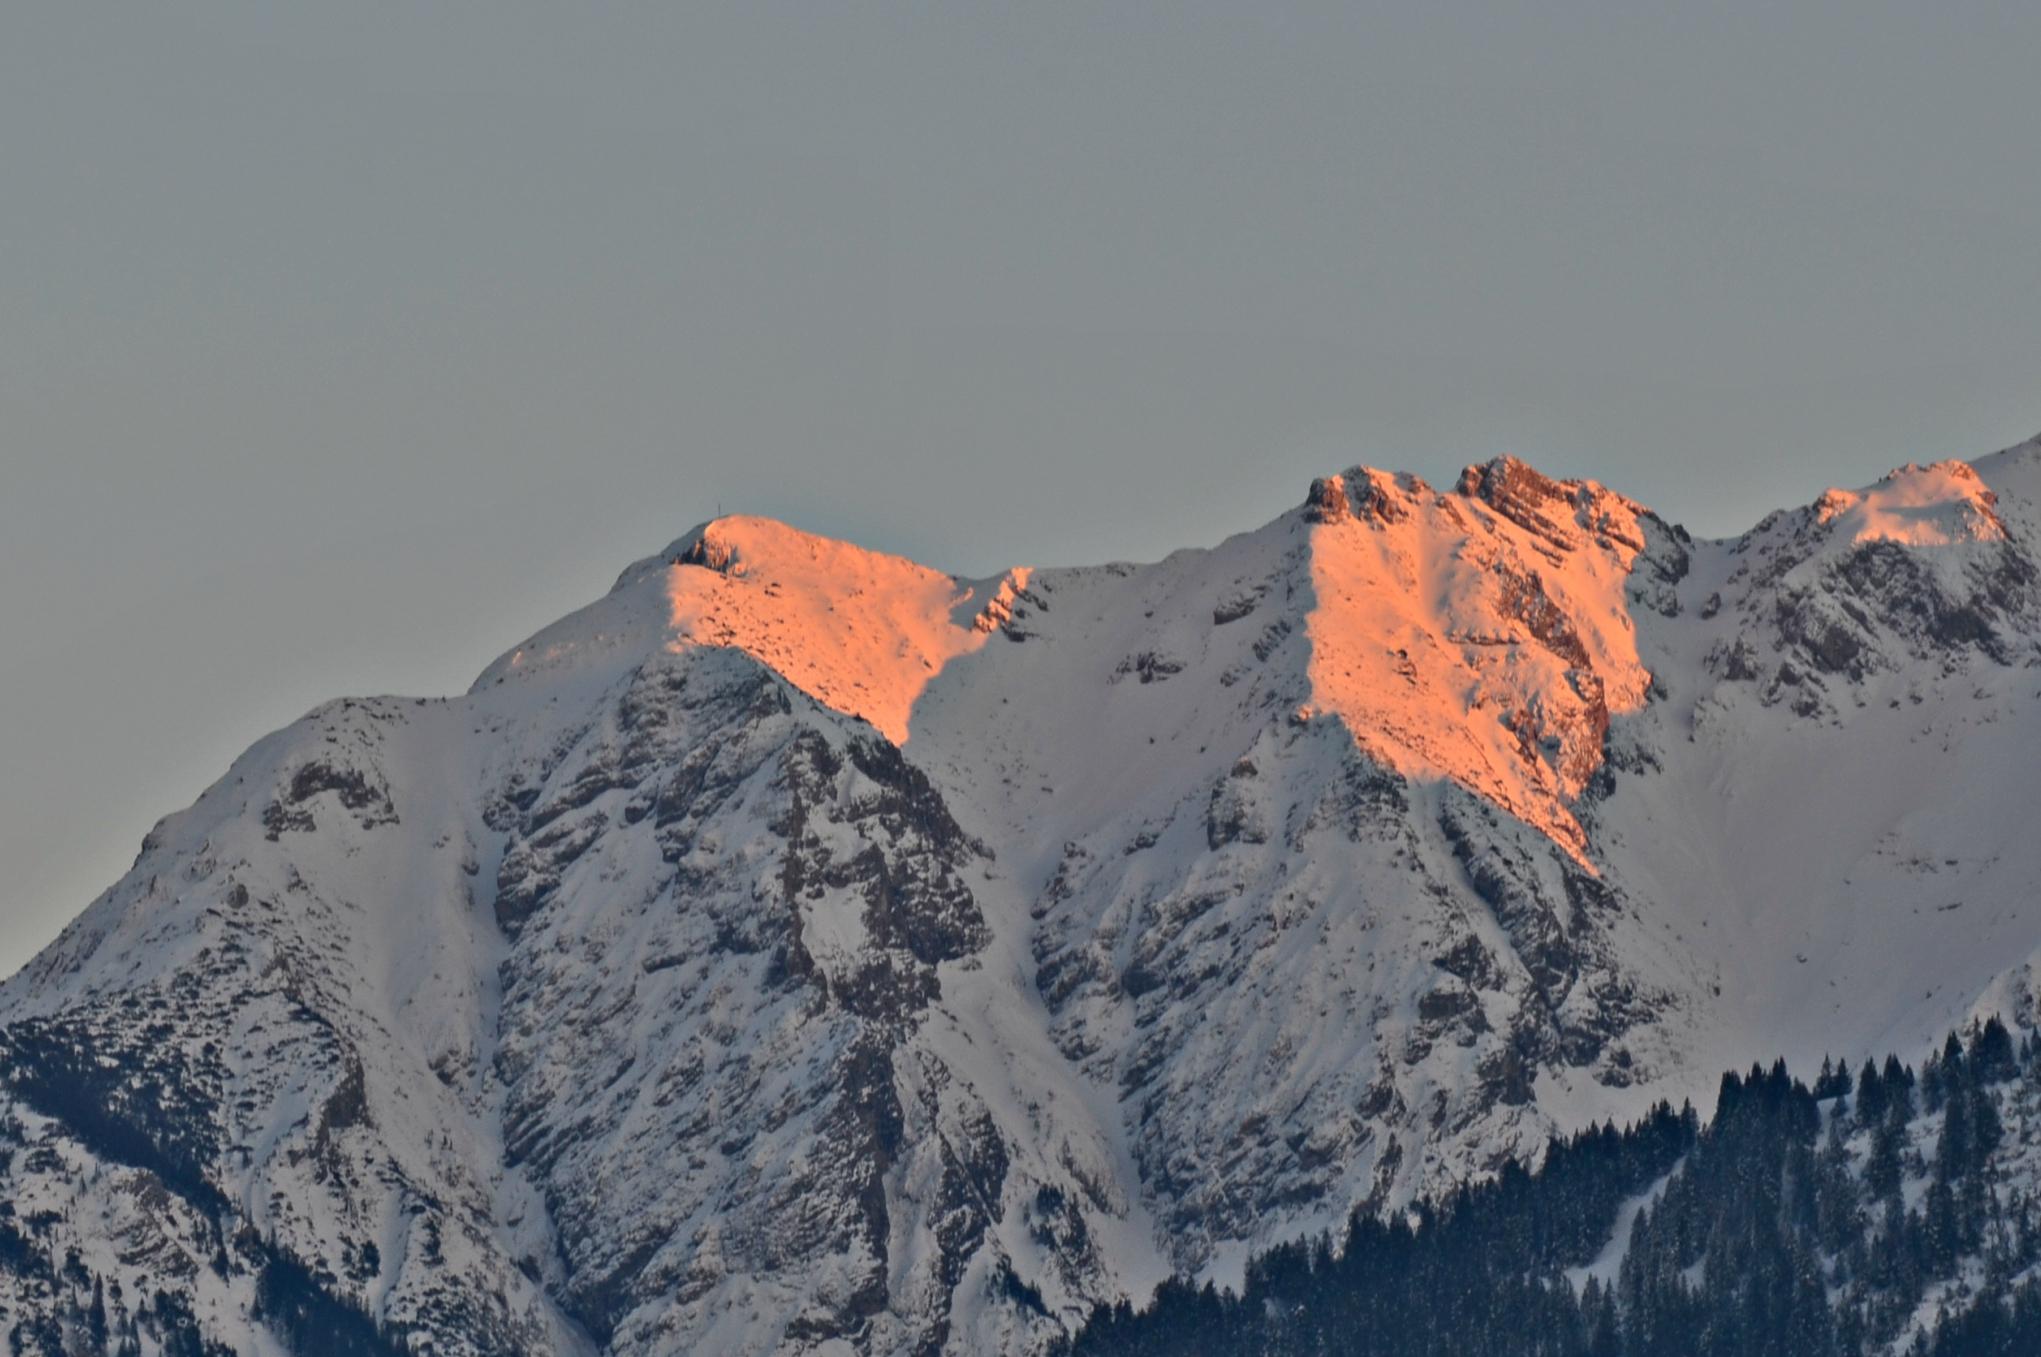 W0209 Abendrot in den Bergen.jpg